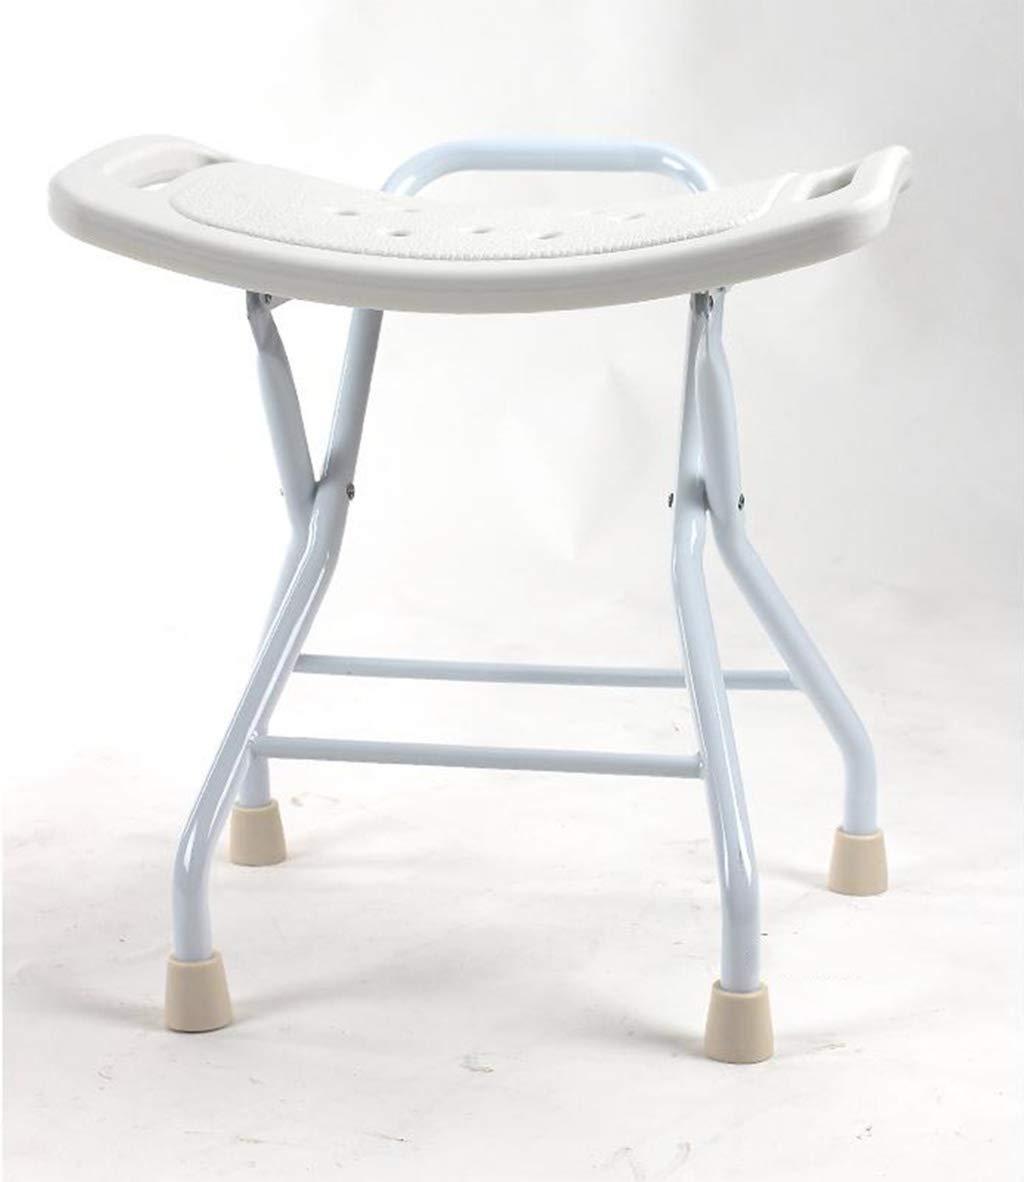 割引 入浴スツール椅子折りたたみバススツール入浴シャワーチェアバスルーム入浴古い人アンチスキッドチェア妊婦ステンレススチールバススツール B07GGXY2M3 B07GGXY2M3, オカベチョウ:843268f4 --- efichas.com.br